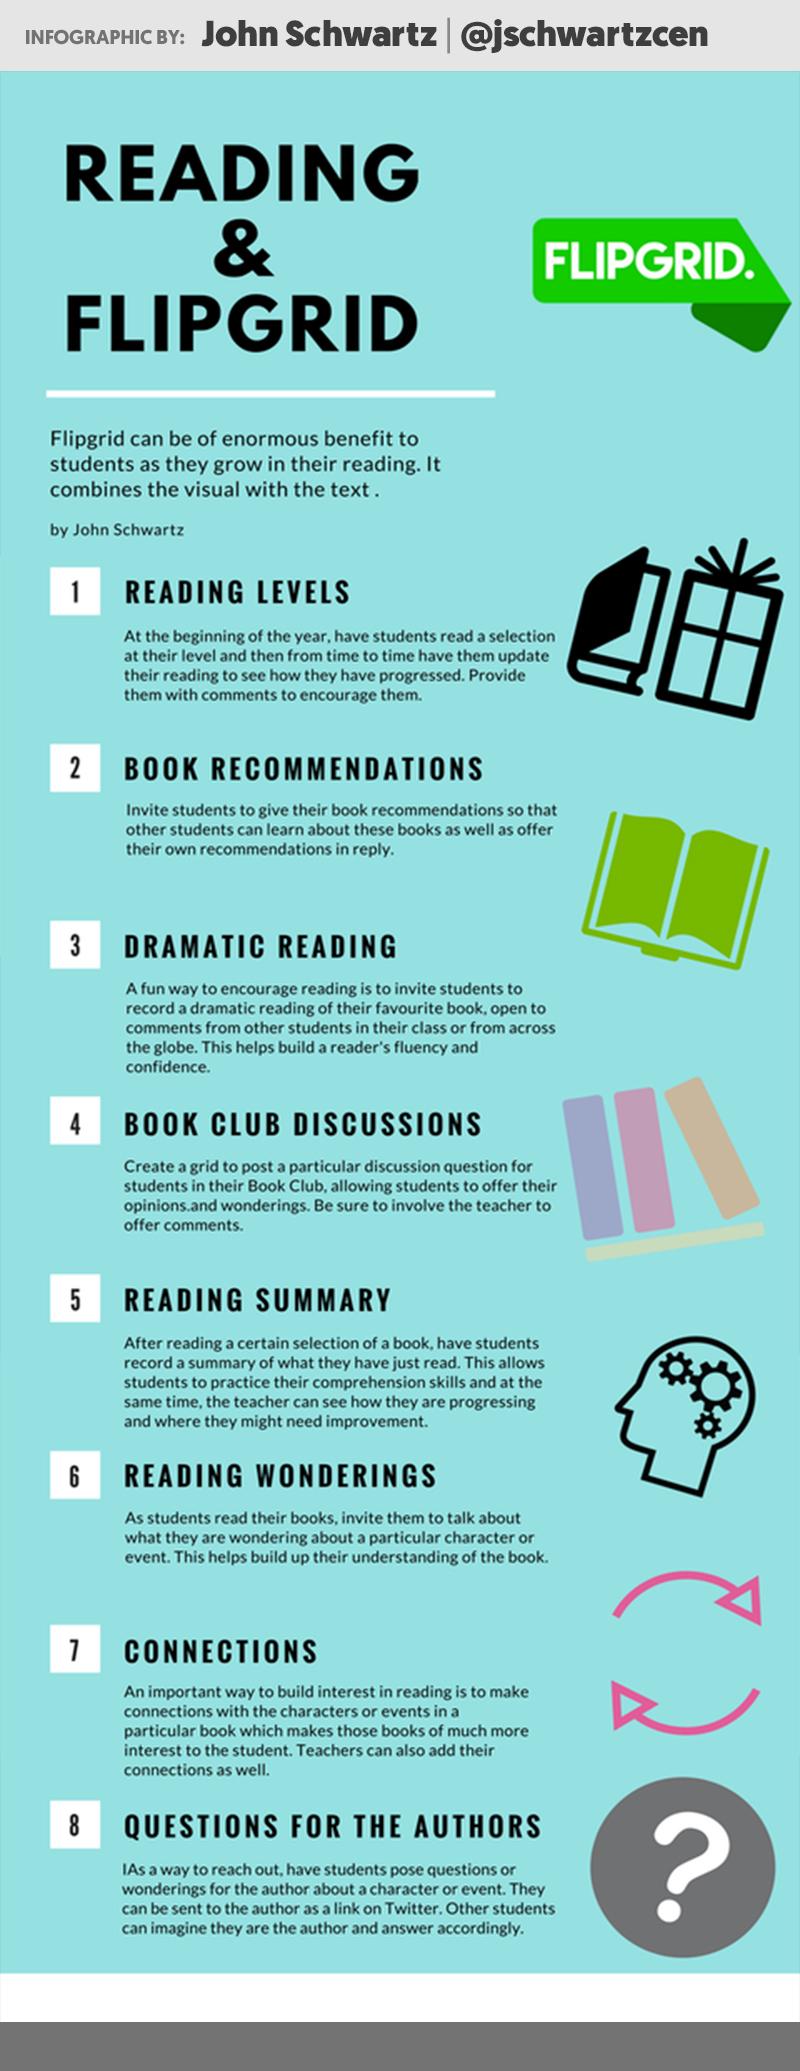 Reading & Flipgrid by John Schwartz